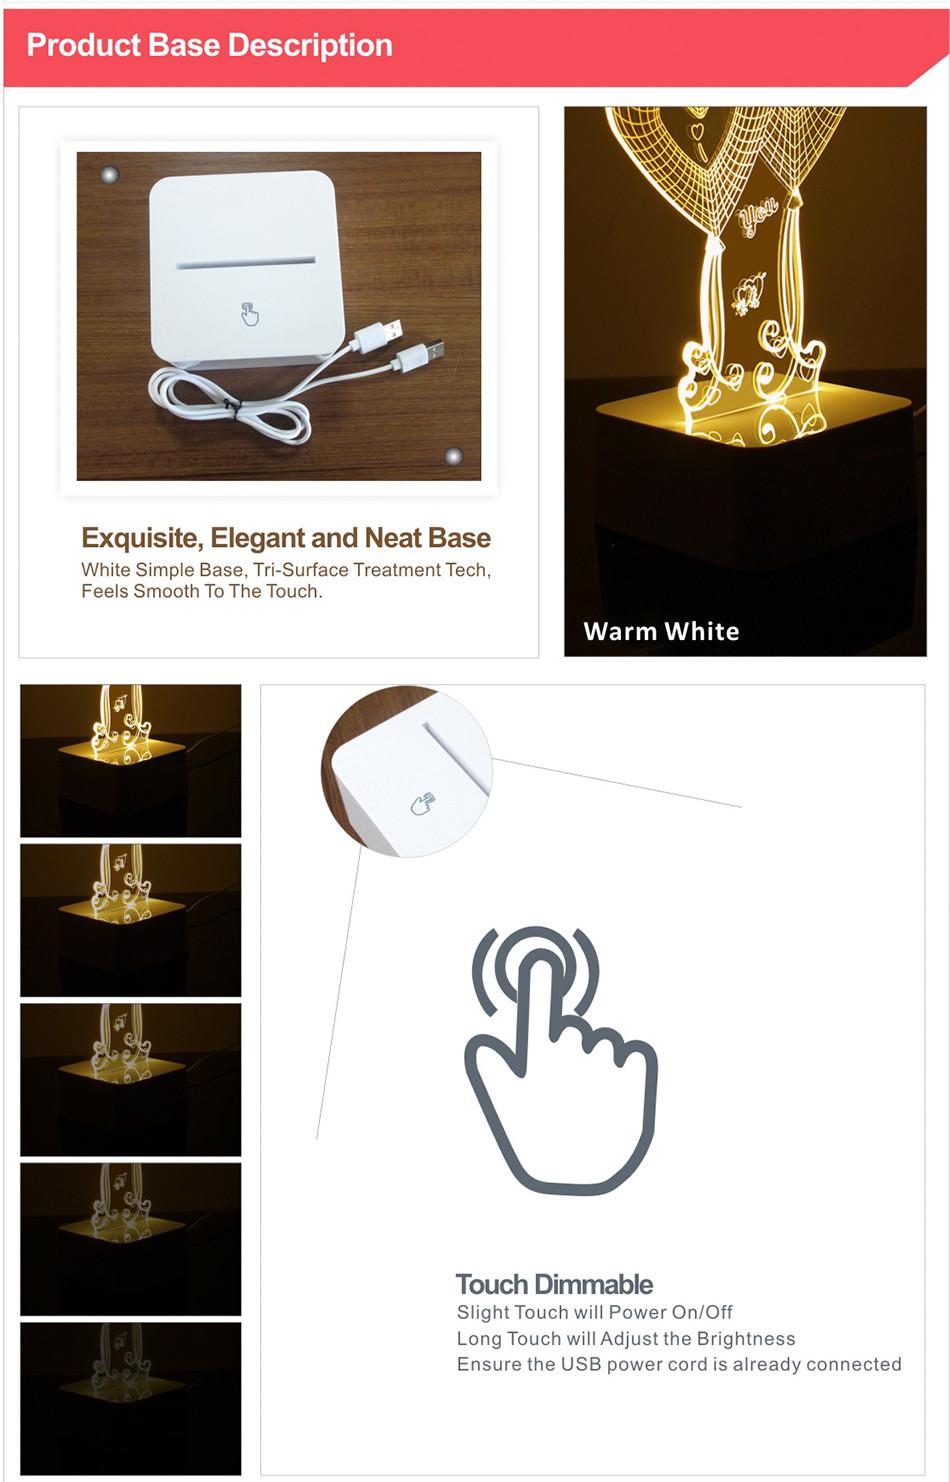 Novel USB Led Lights Loving Heart 3d Touch Home Decor Table Lamp (7)